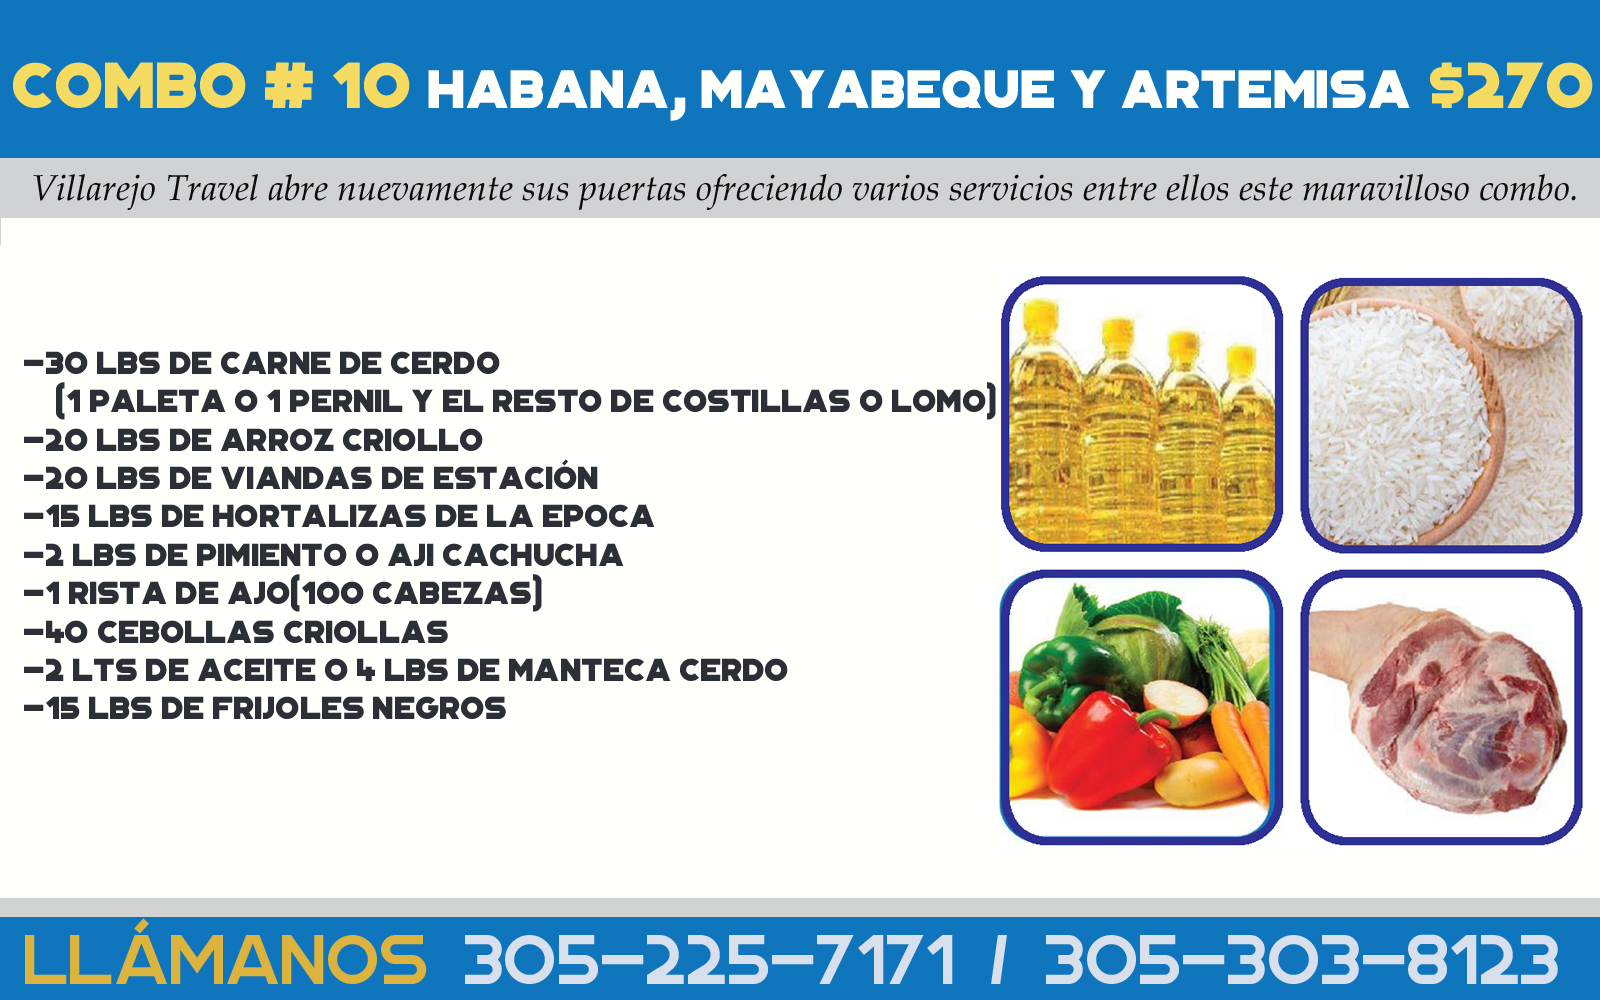 Combo #10 Habana ciudad , Mayabeque y Artemisa